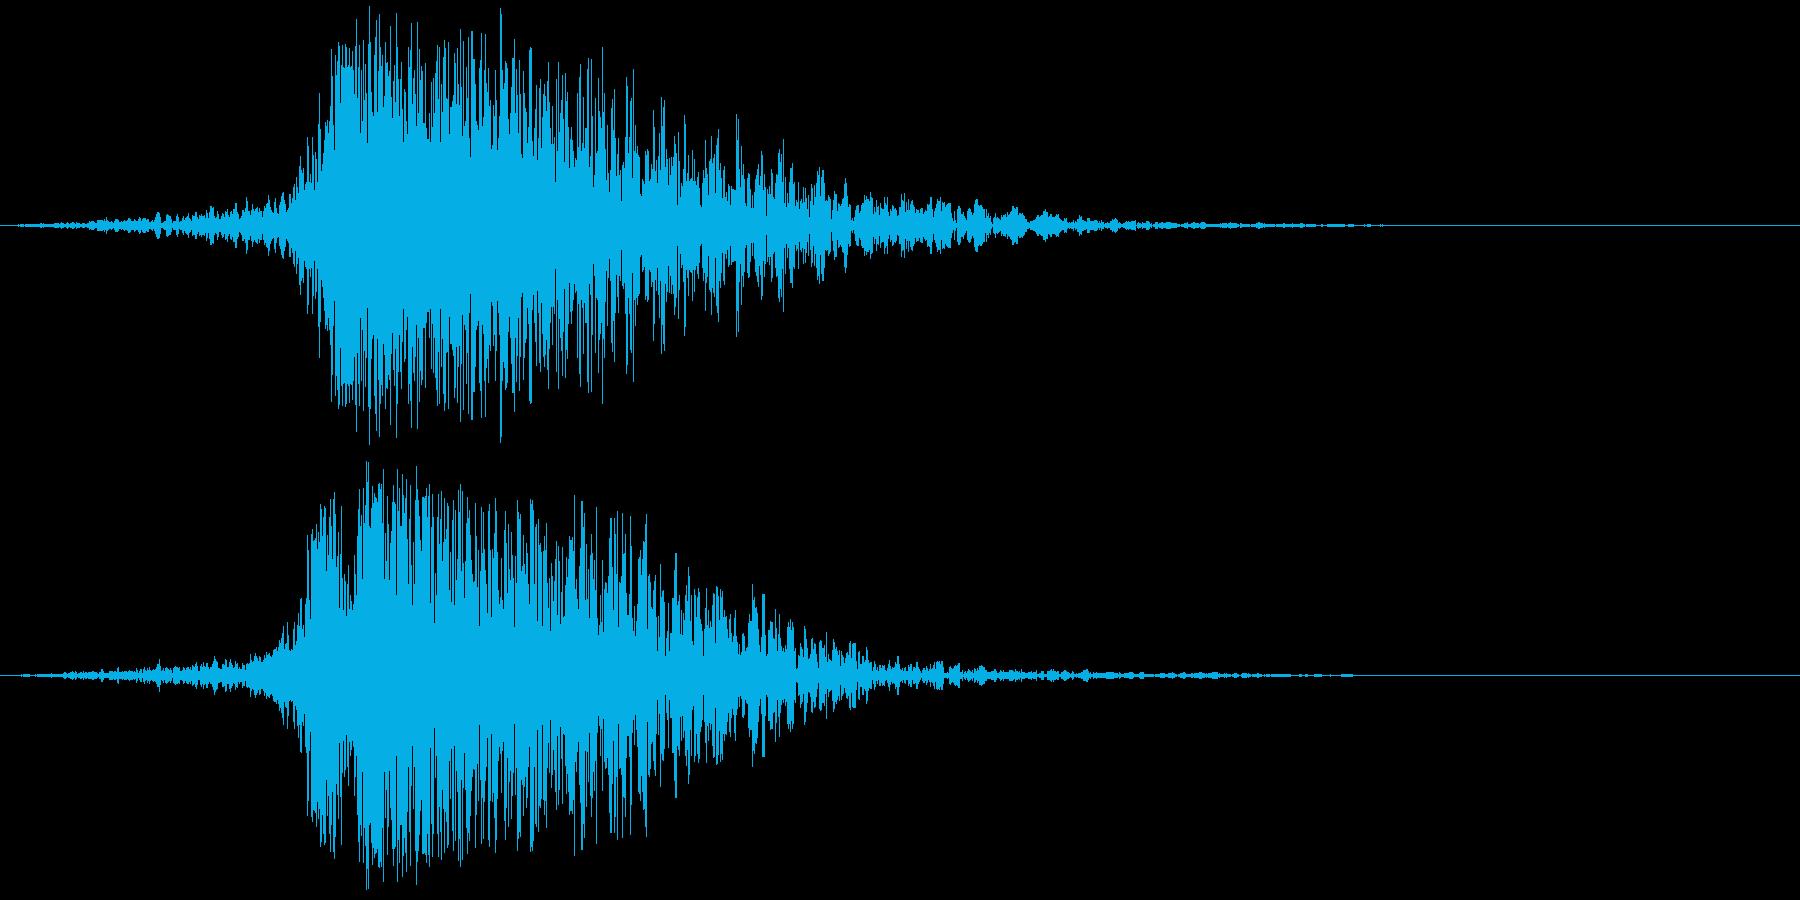 【インパクト】キーン・・・ドンッ!!の再生済みの波形